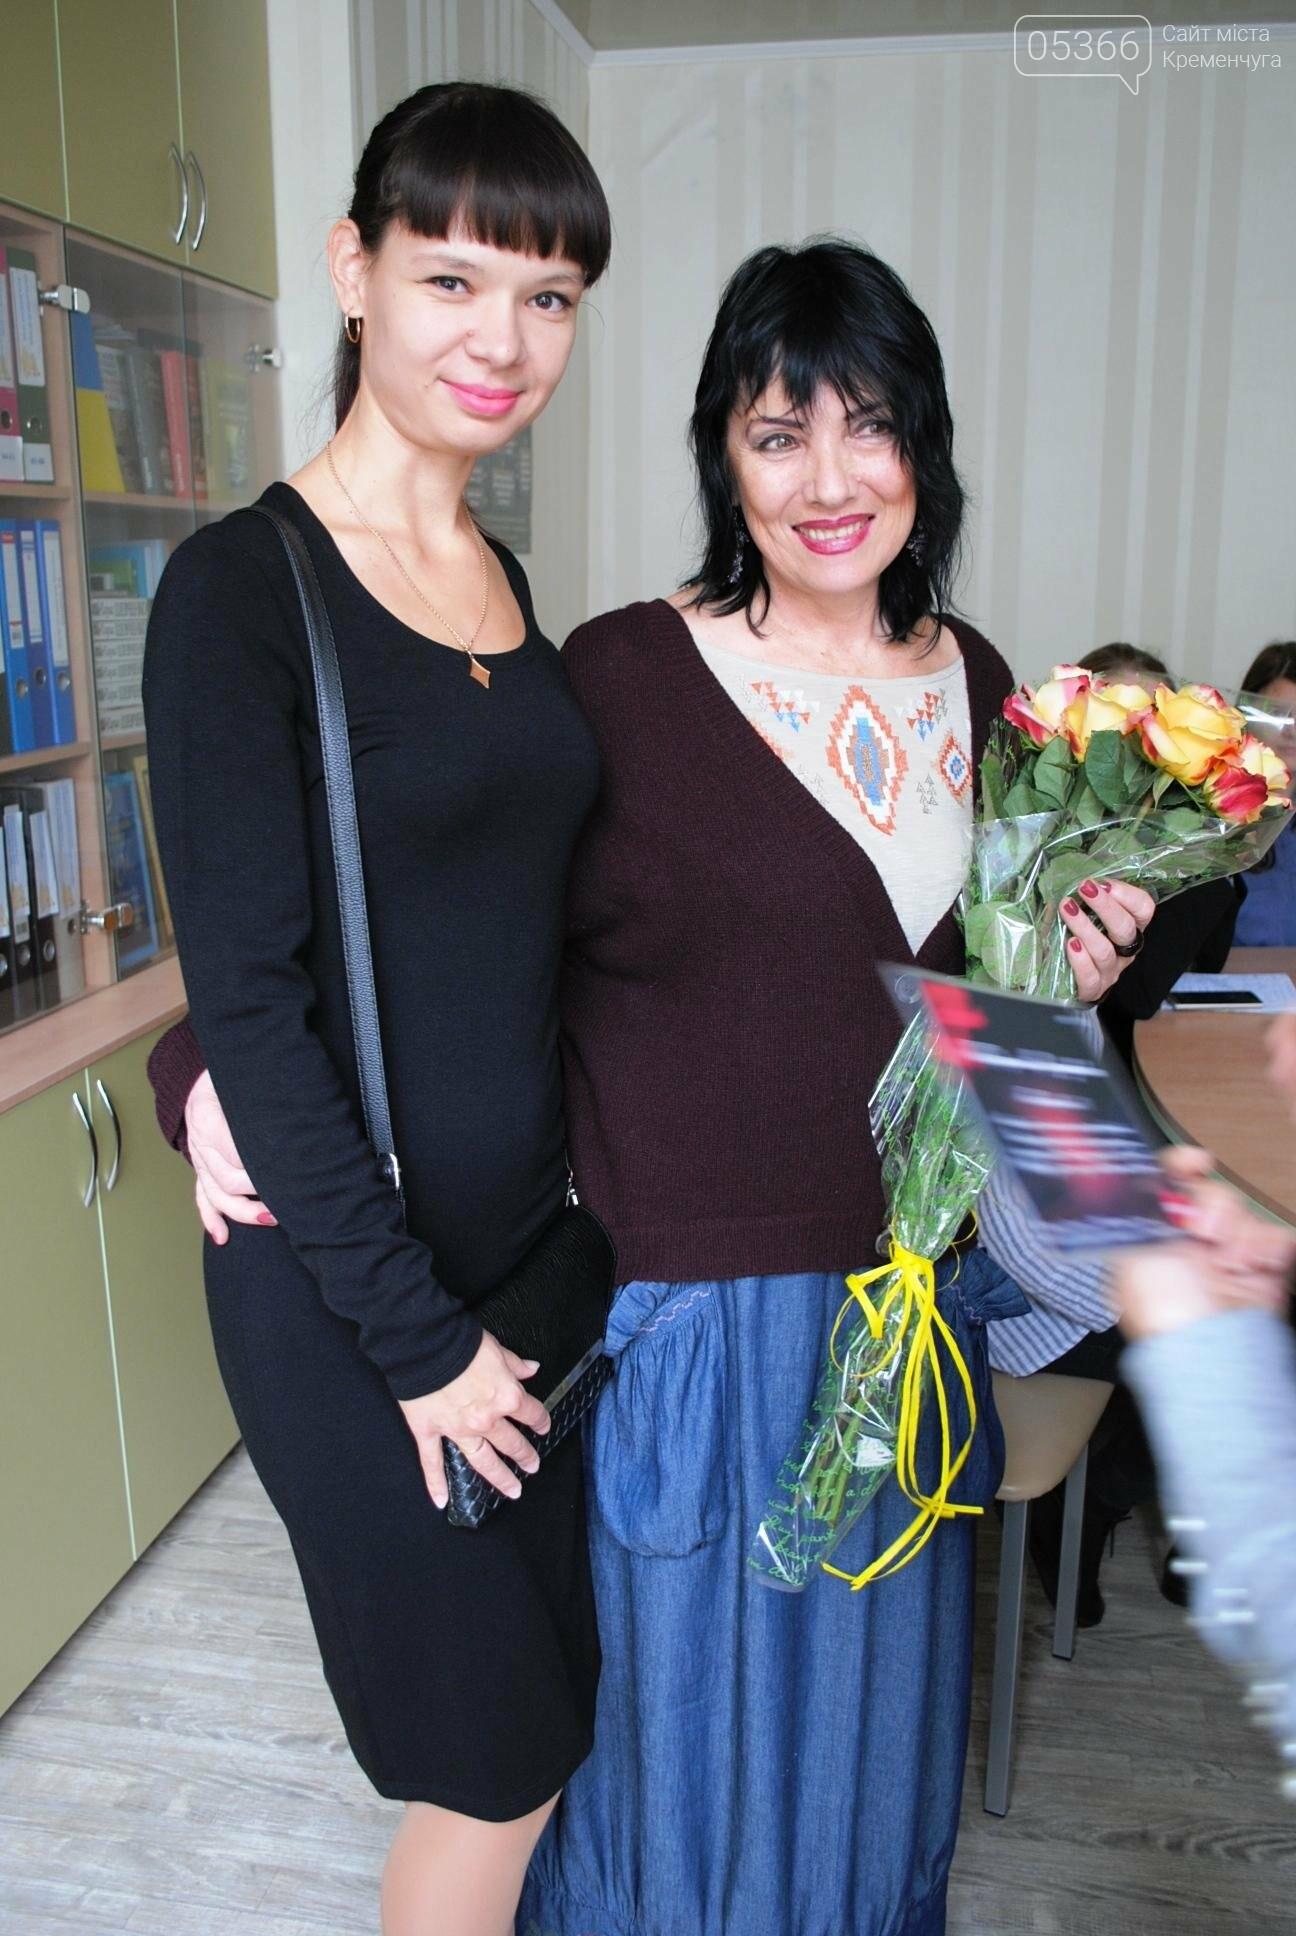 Лучший подарок для учителя - признание и любовь учеников (ФОТО), фото-6